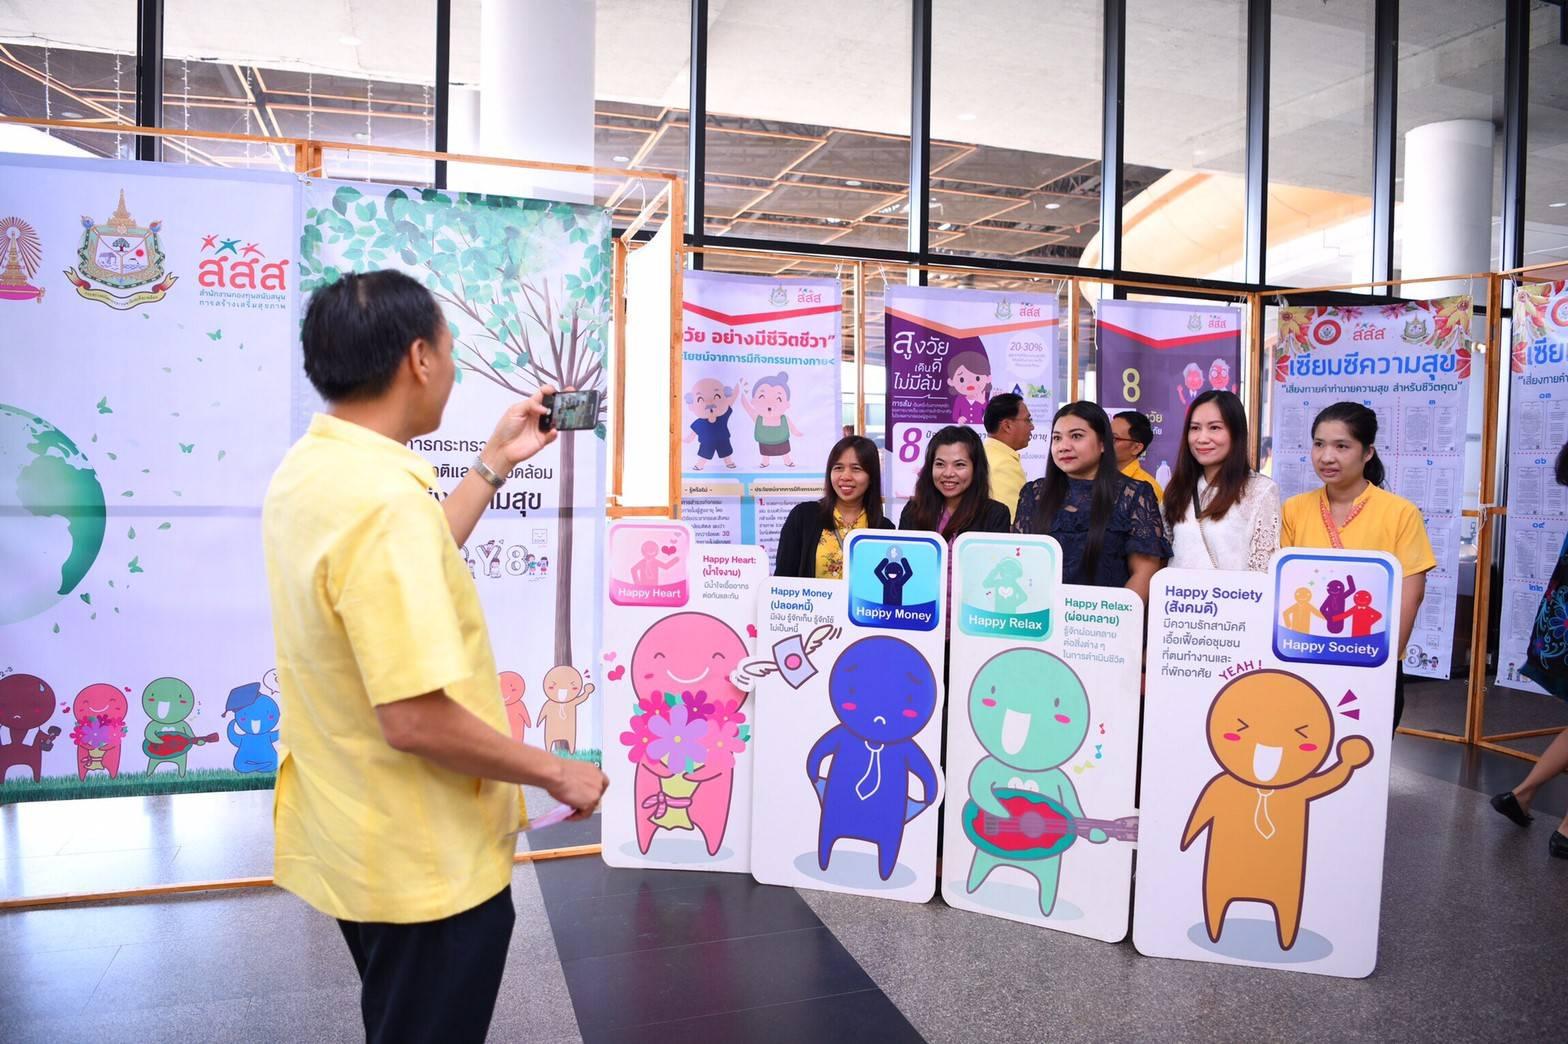 องค์กรแห่งความสุข สร้างสมดุลชีวิตกับงาน thaihealth